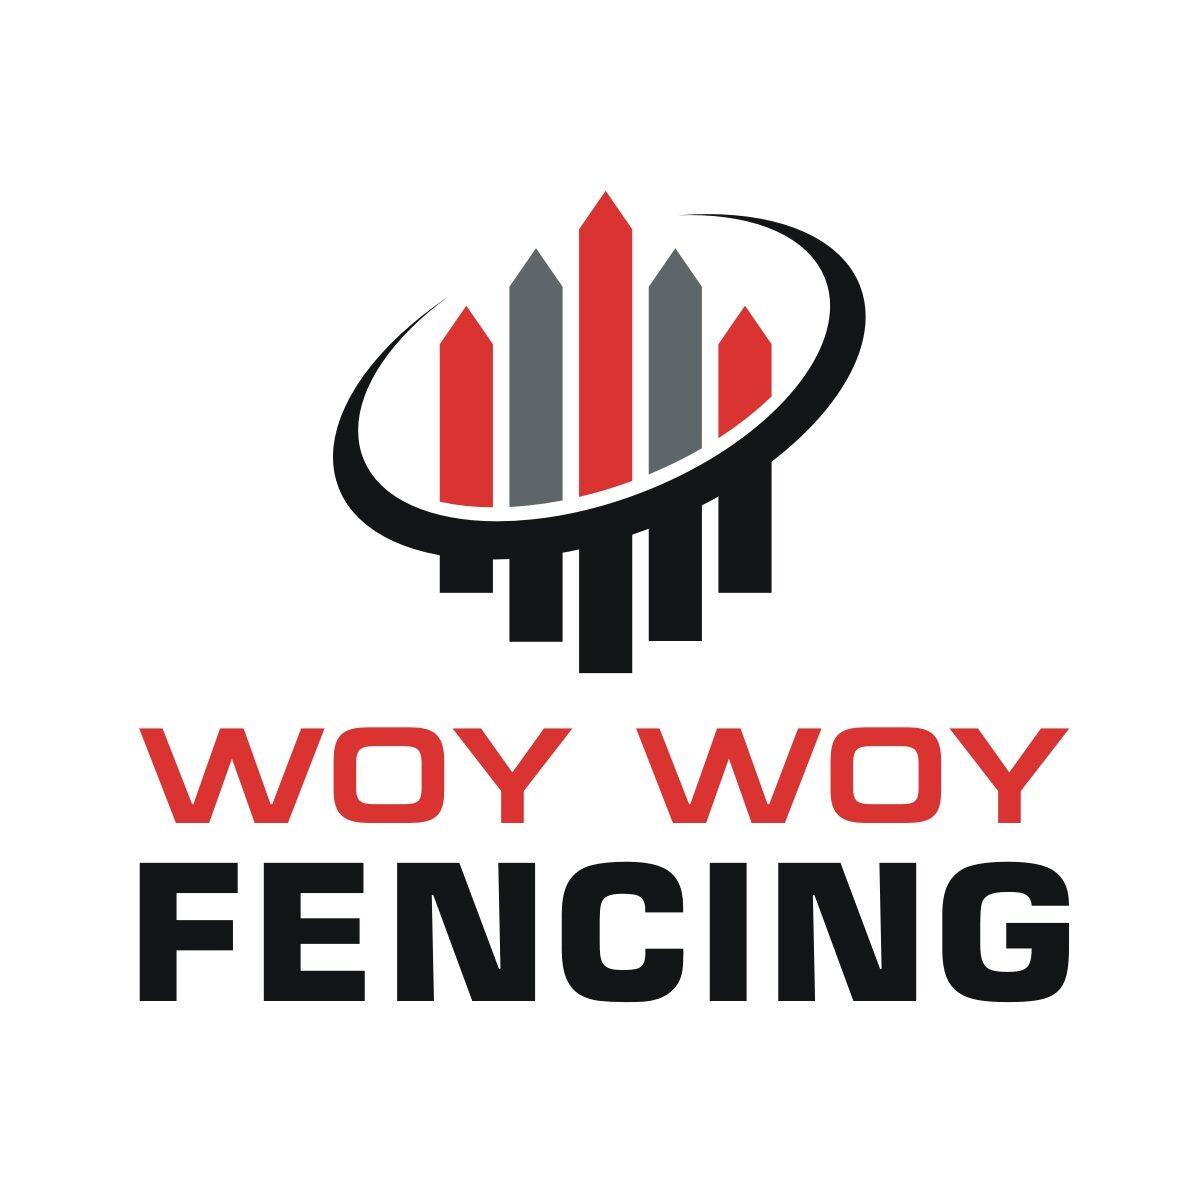 Woy Woy Fencing